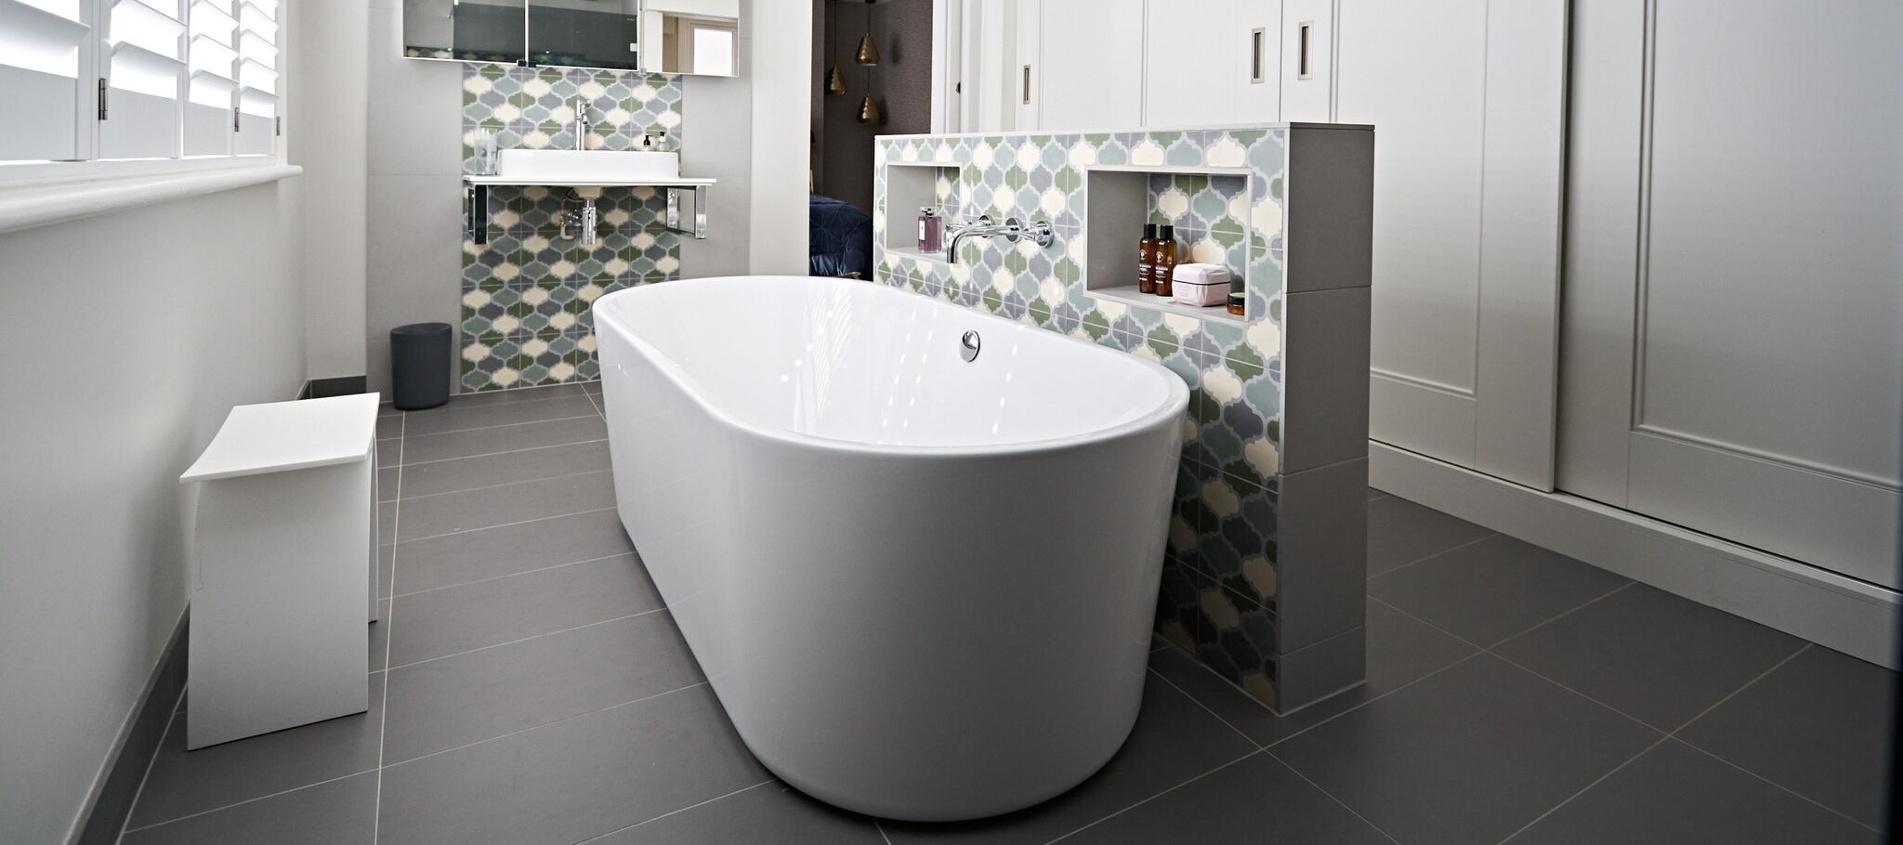 Areas page header bathroom image